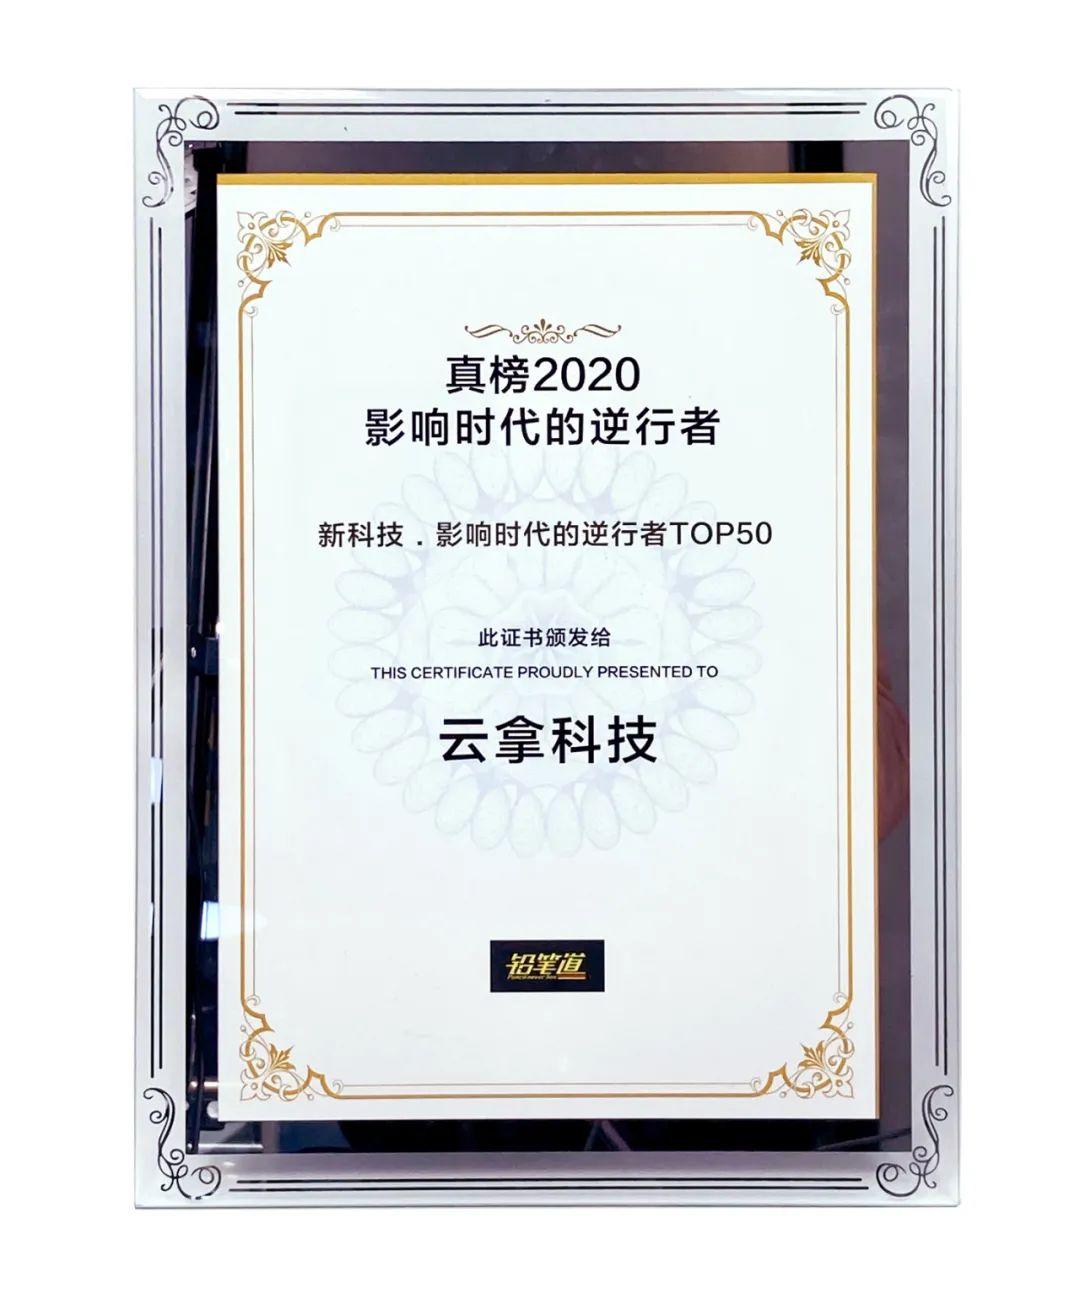 云拿荣登铅笔道真榜2020新科技•影响时代的逆行者TOP50